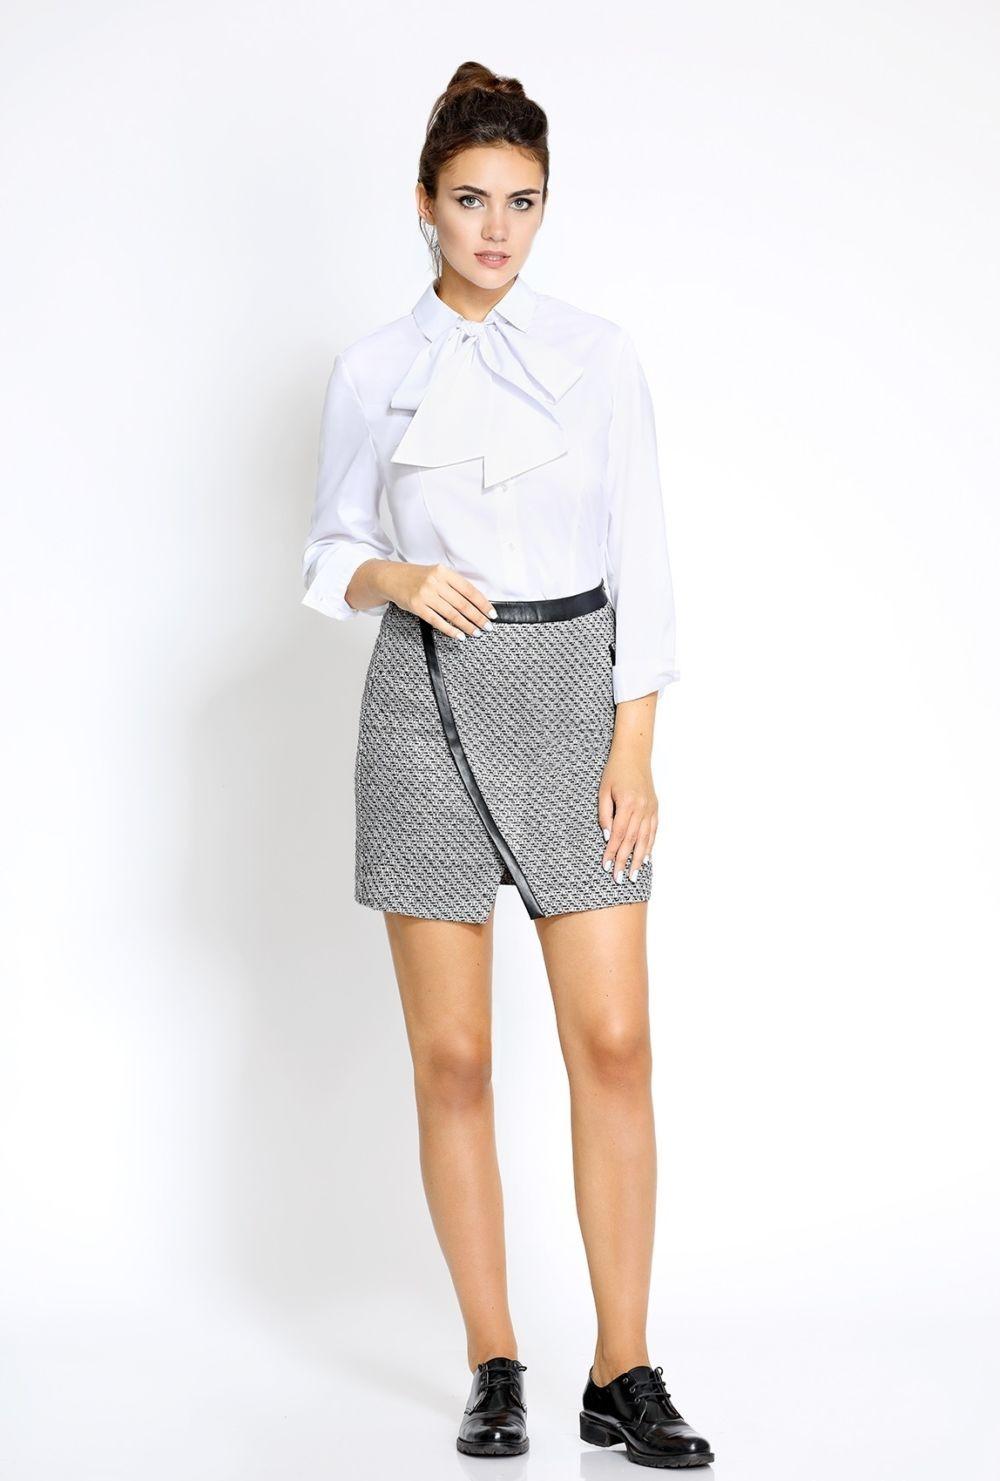 серая юбка с чем носить: короткая под блузку белую